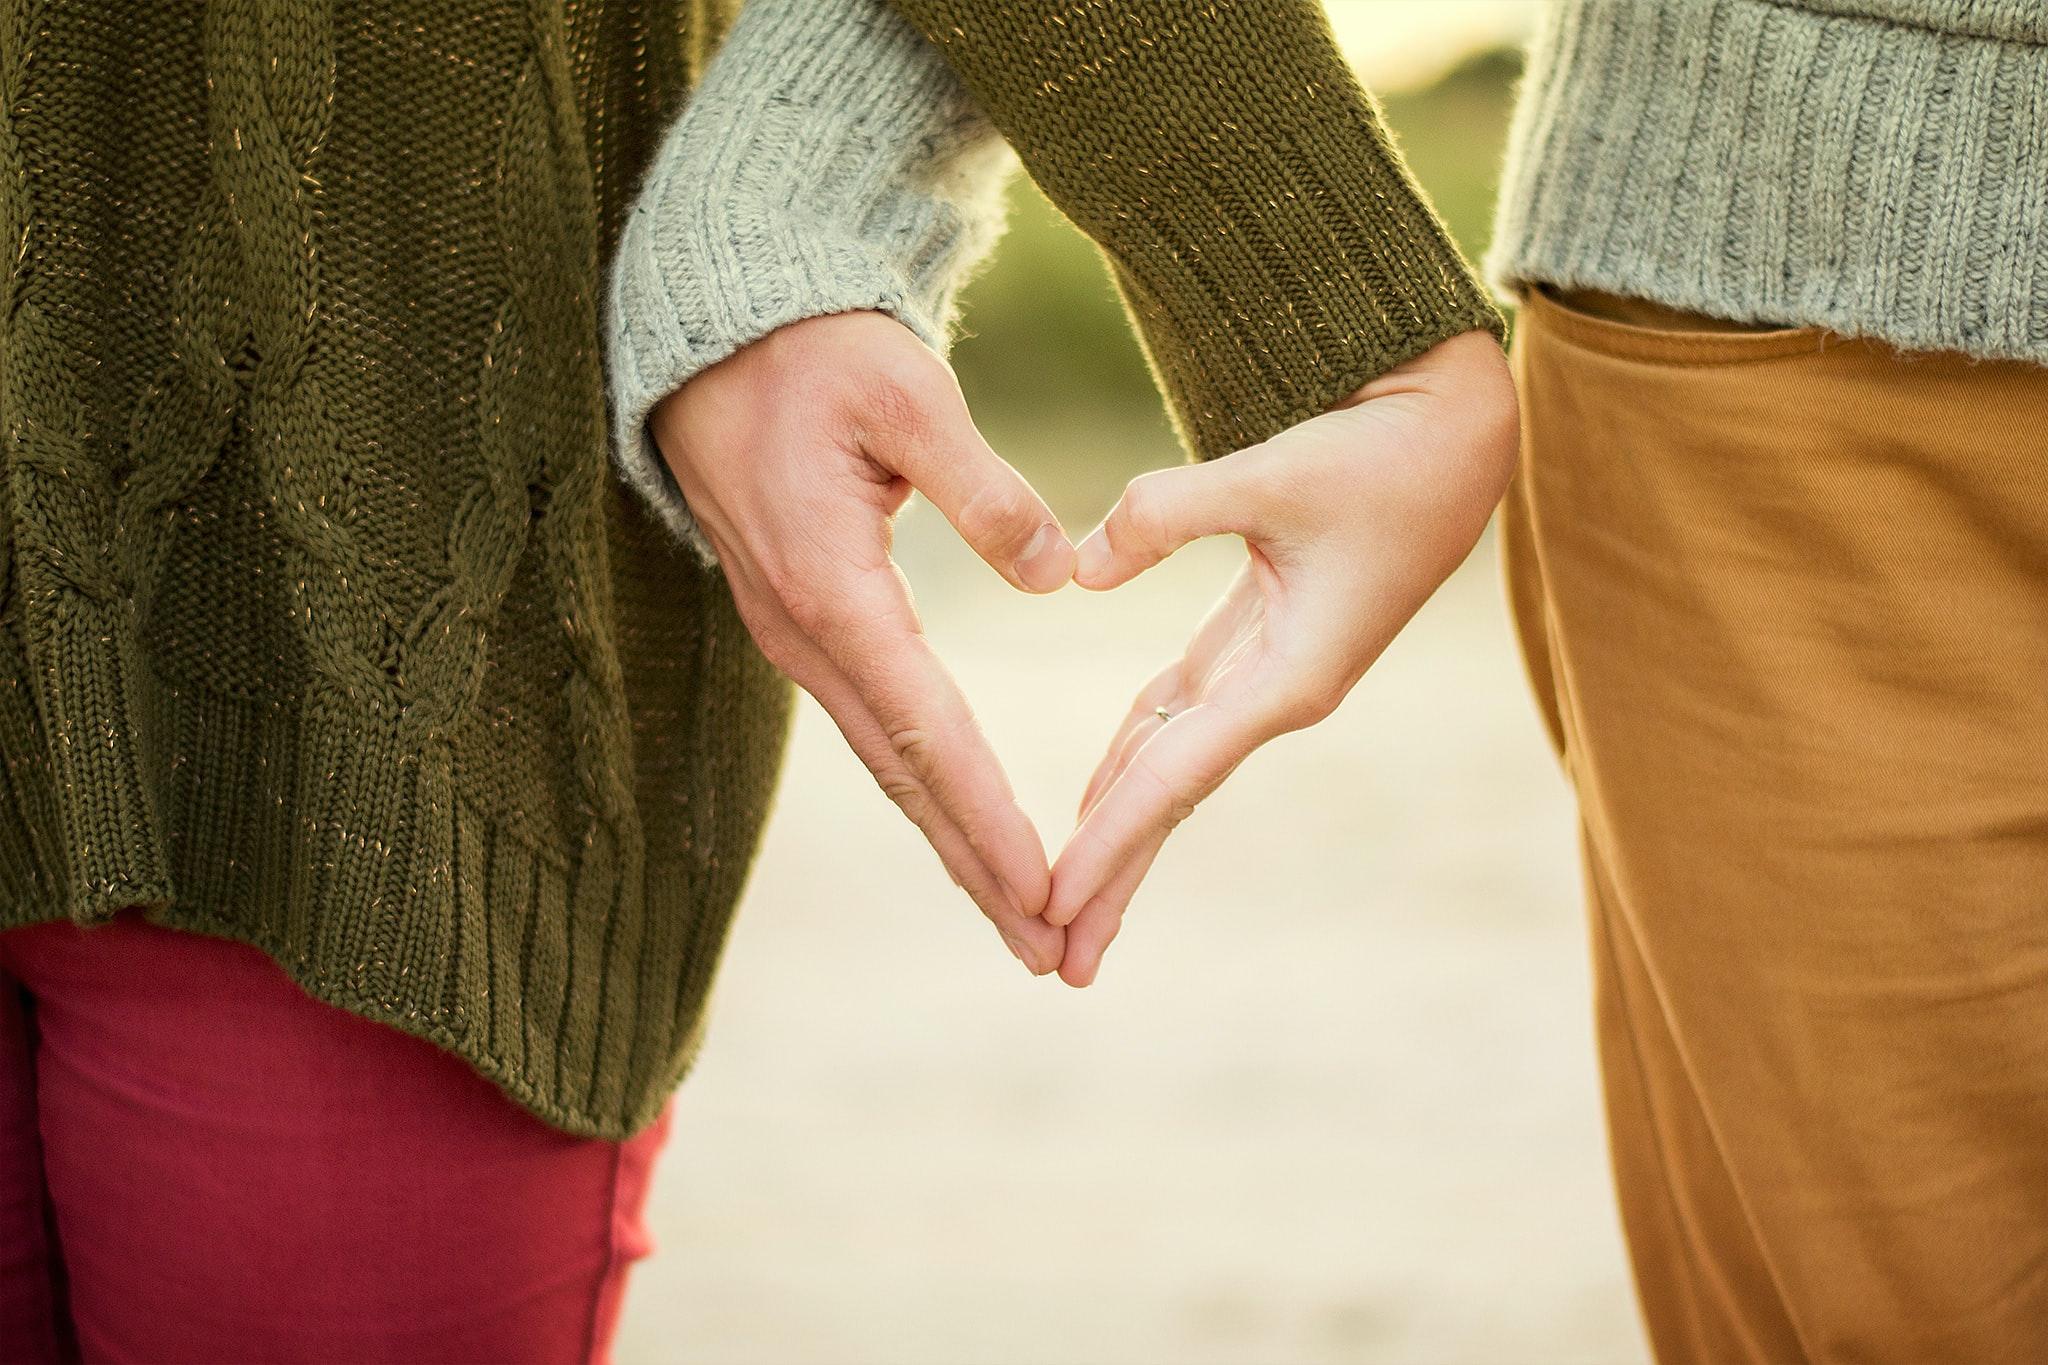 para, która tworzy serce z własnych dłoni